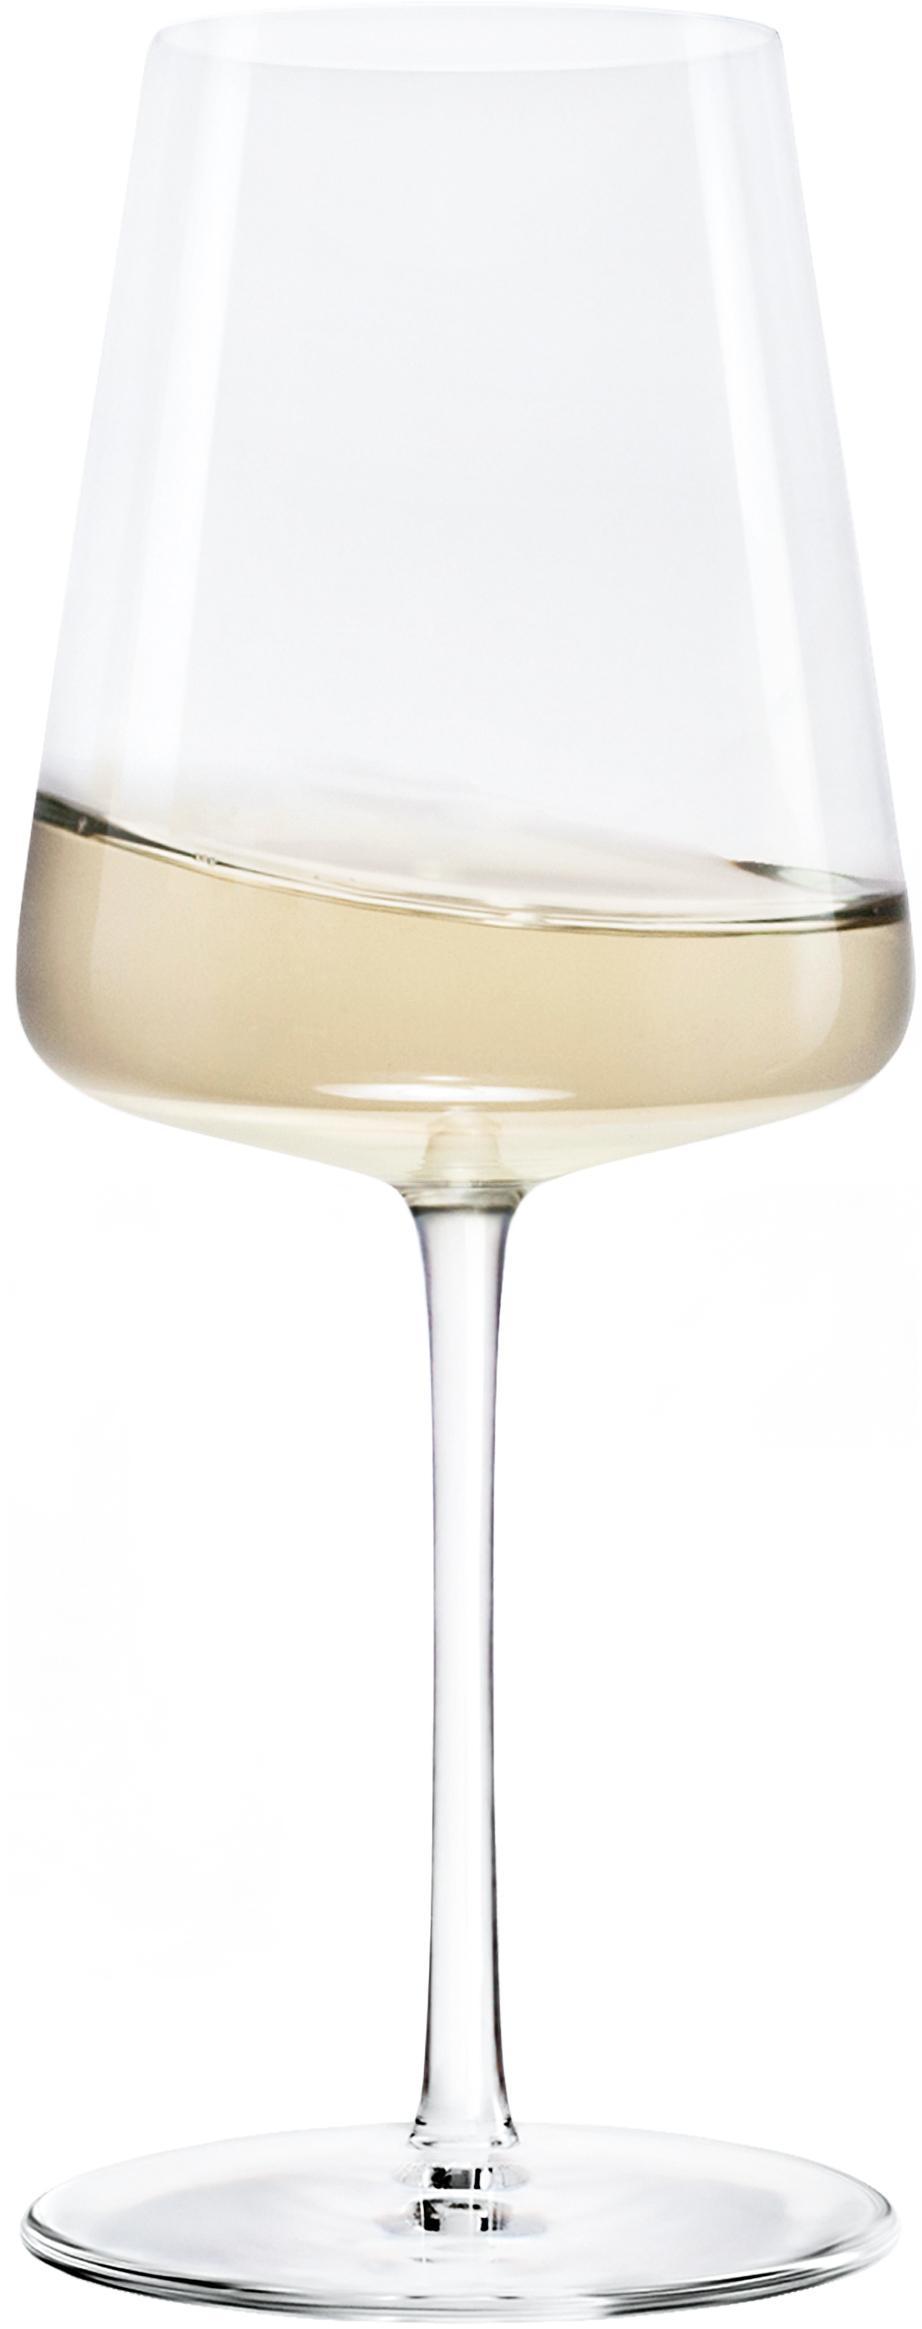 Bicchieri da vino bianco in cristallo Power 6 pz, Cristallo, Trasparente, Ø 9 x Alt. 21 cm